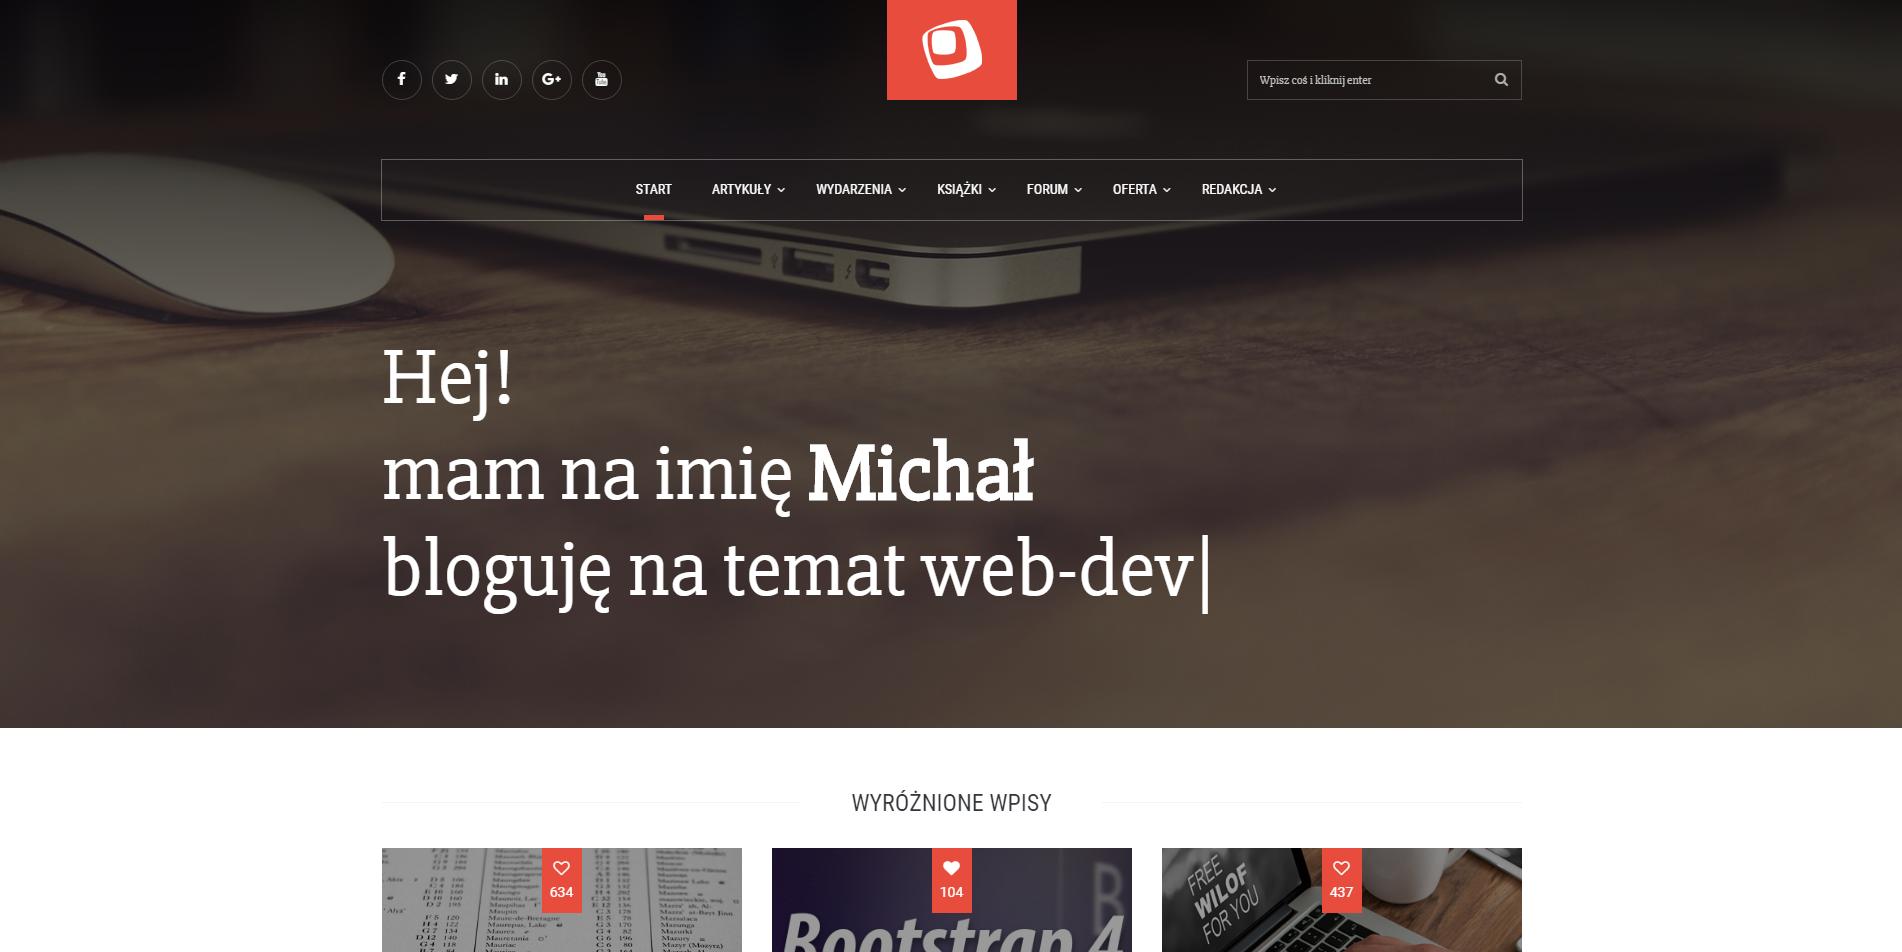 webroad.pl podczas dużego obciążenia